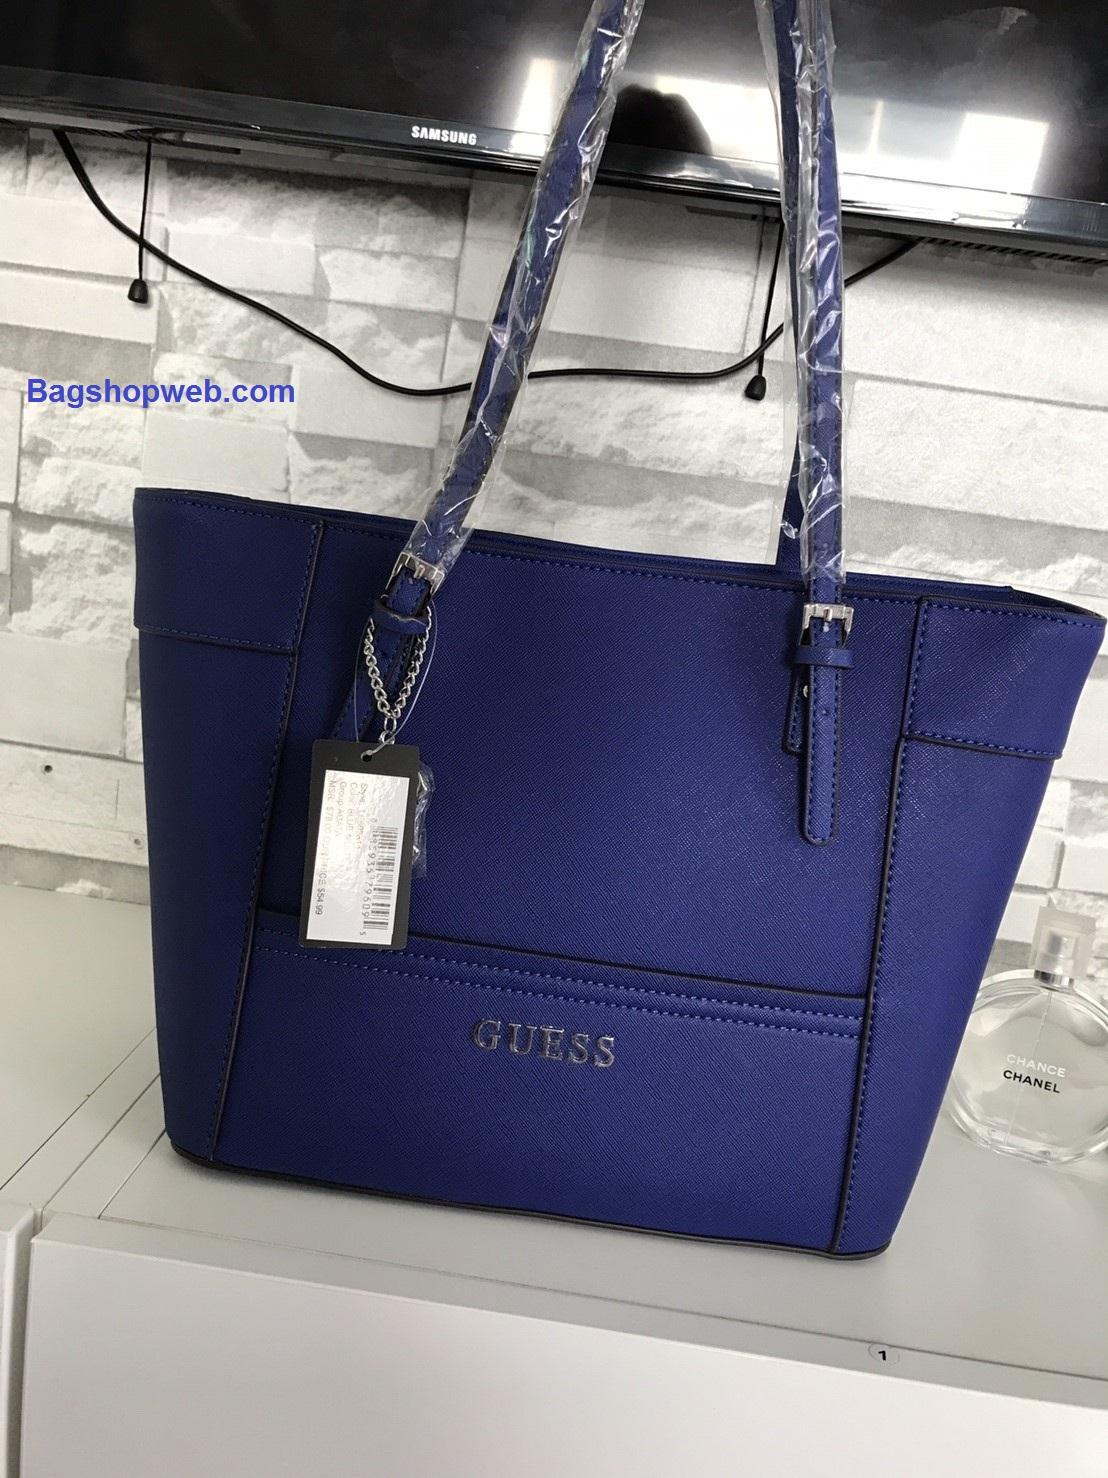 กระเป๋า GUESS Saffiano Prada Style with KeyChain สีน้ำเงิน ราคา 1,690 บาท Free Ems